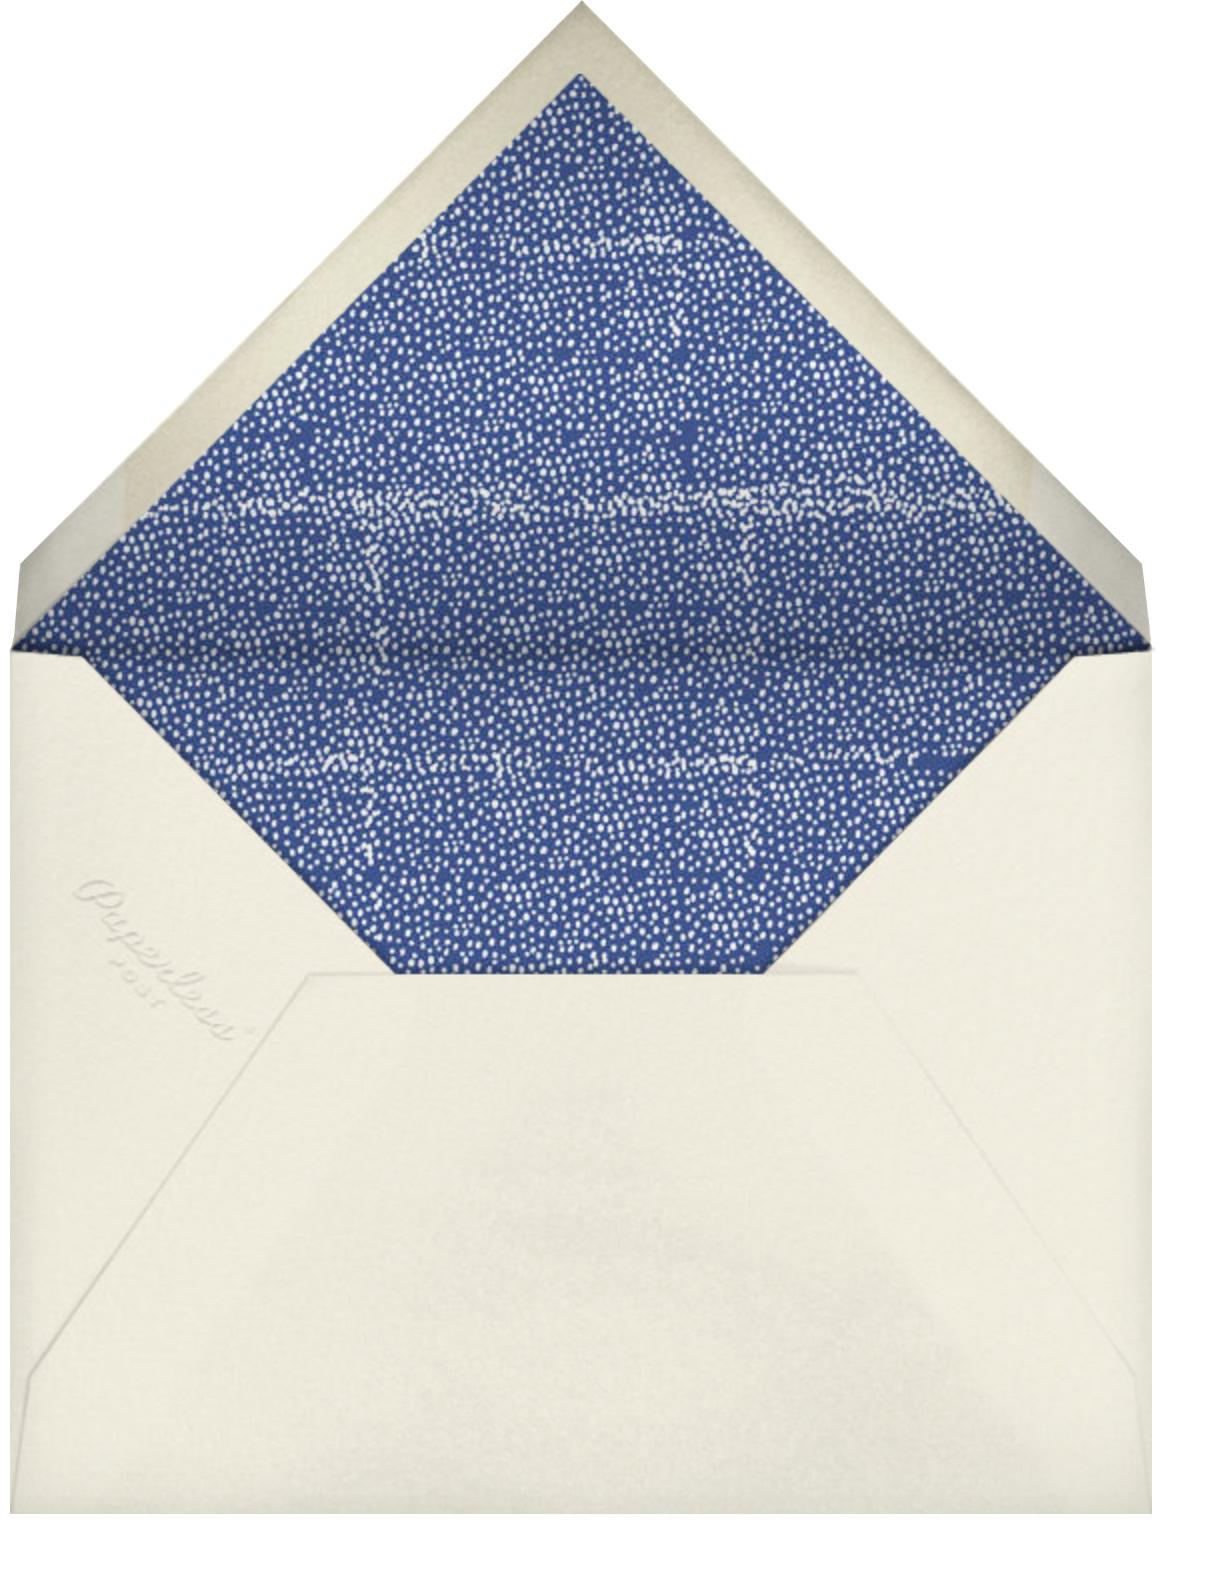 For the Gram - Mr. Boddington's Studio - Thinking of you - envelope back